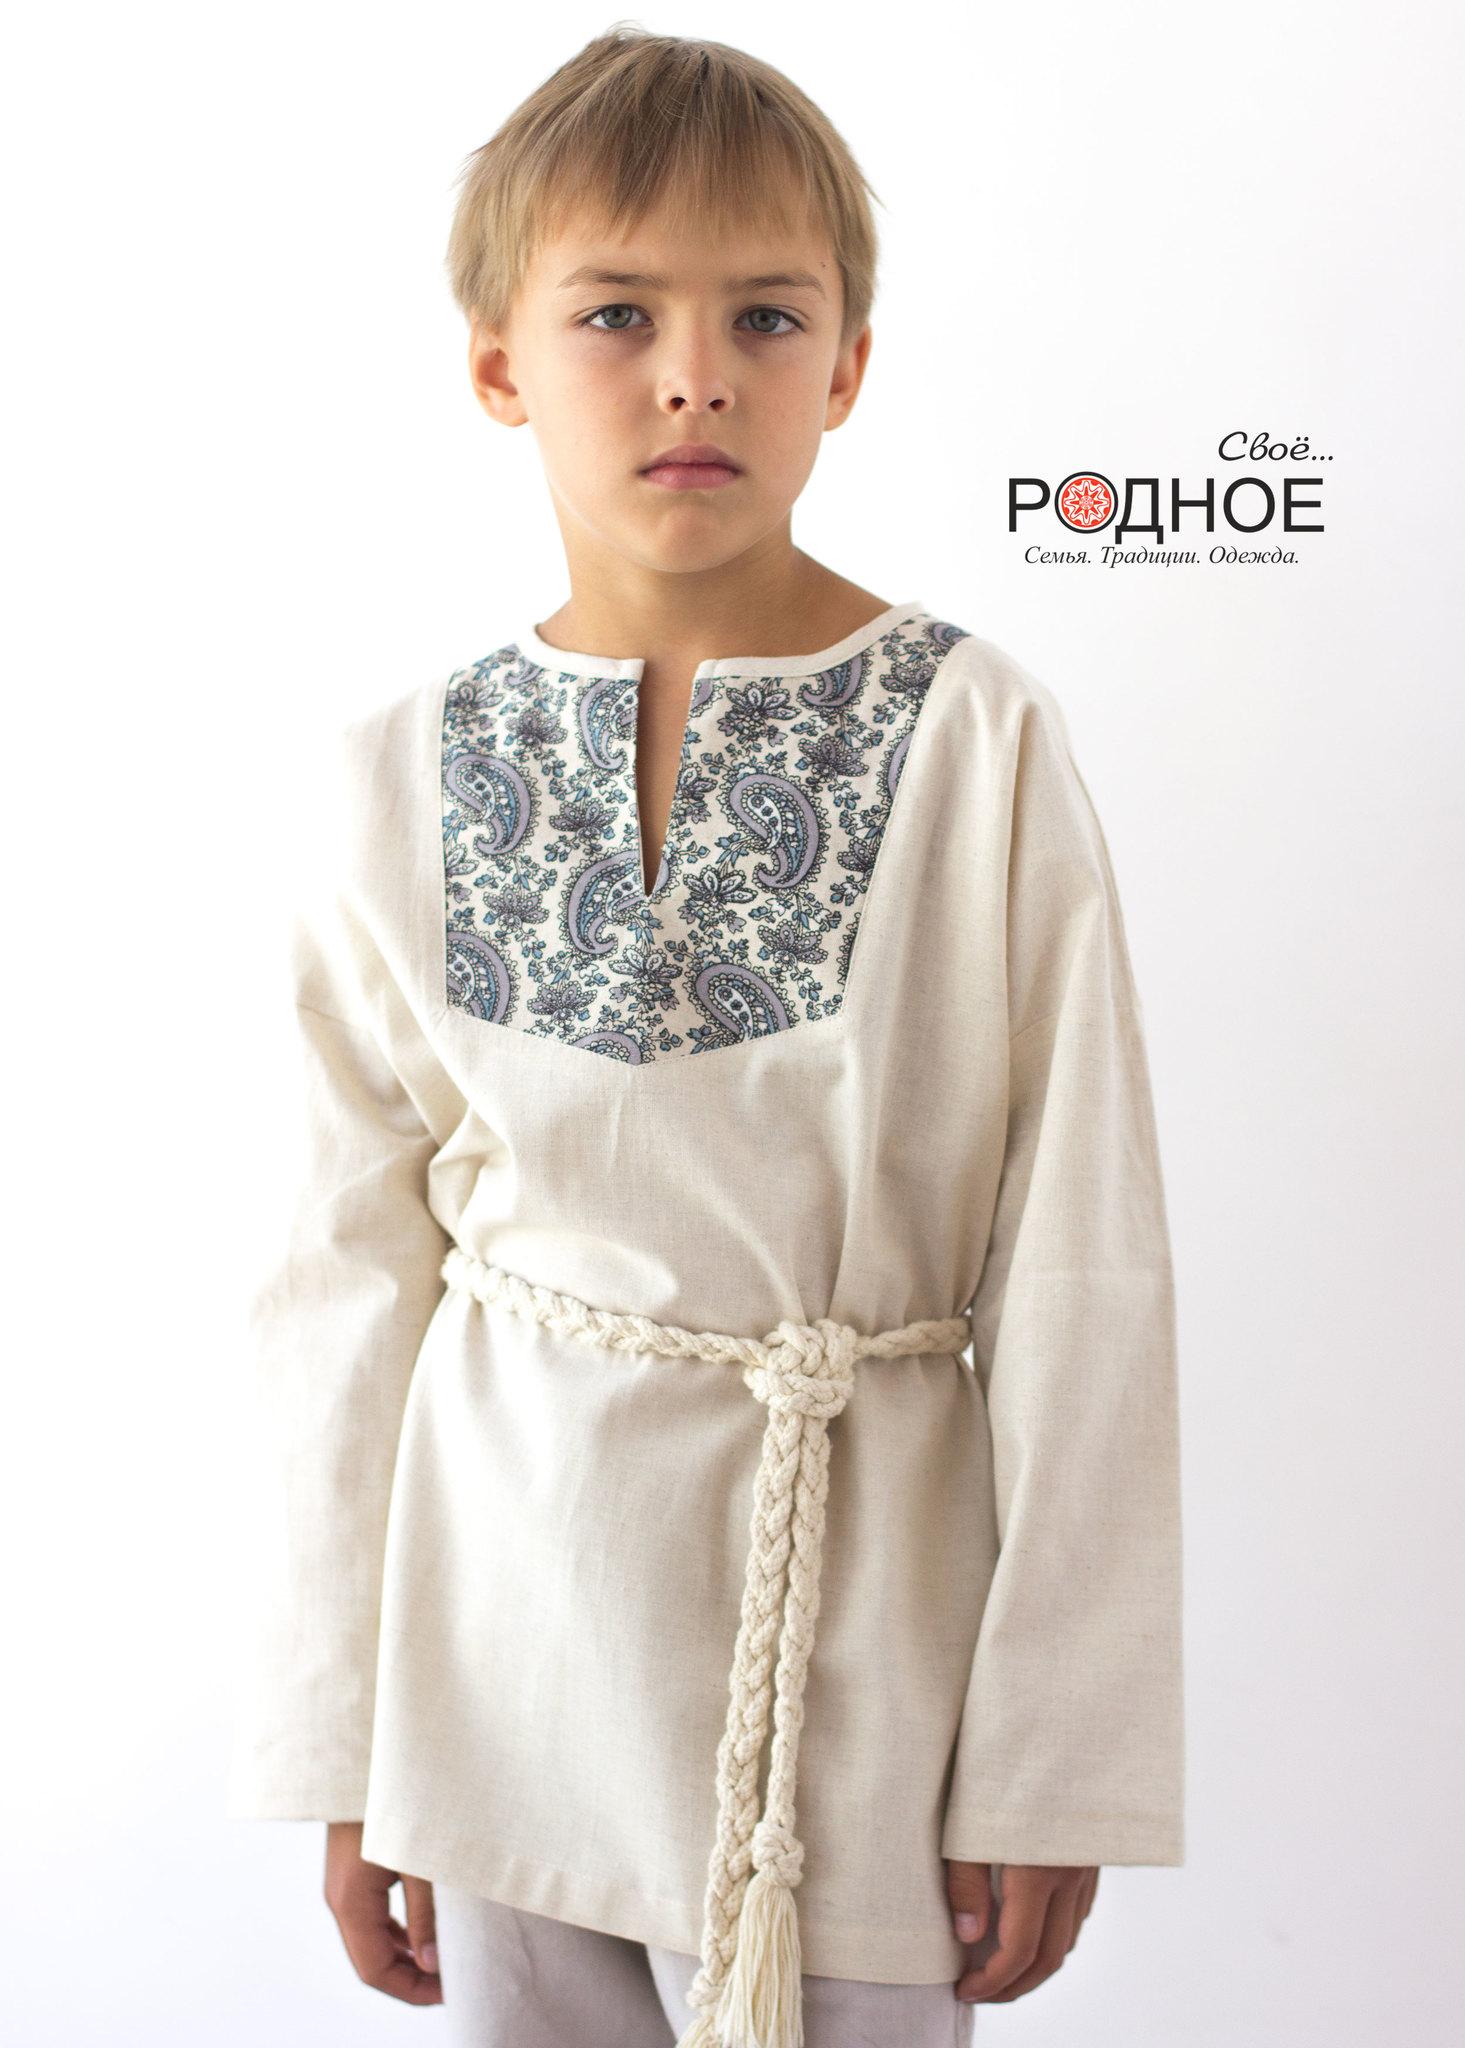 Рубаха на мальчика в русском стиле Огурцы Свое... Родное для Иванка